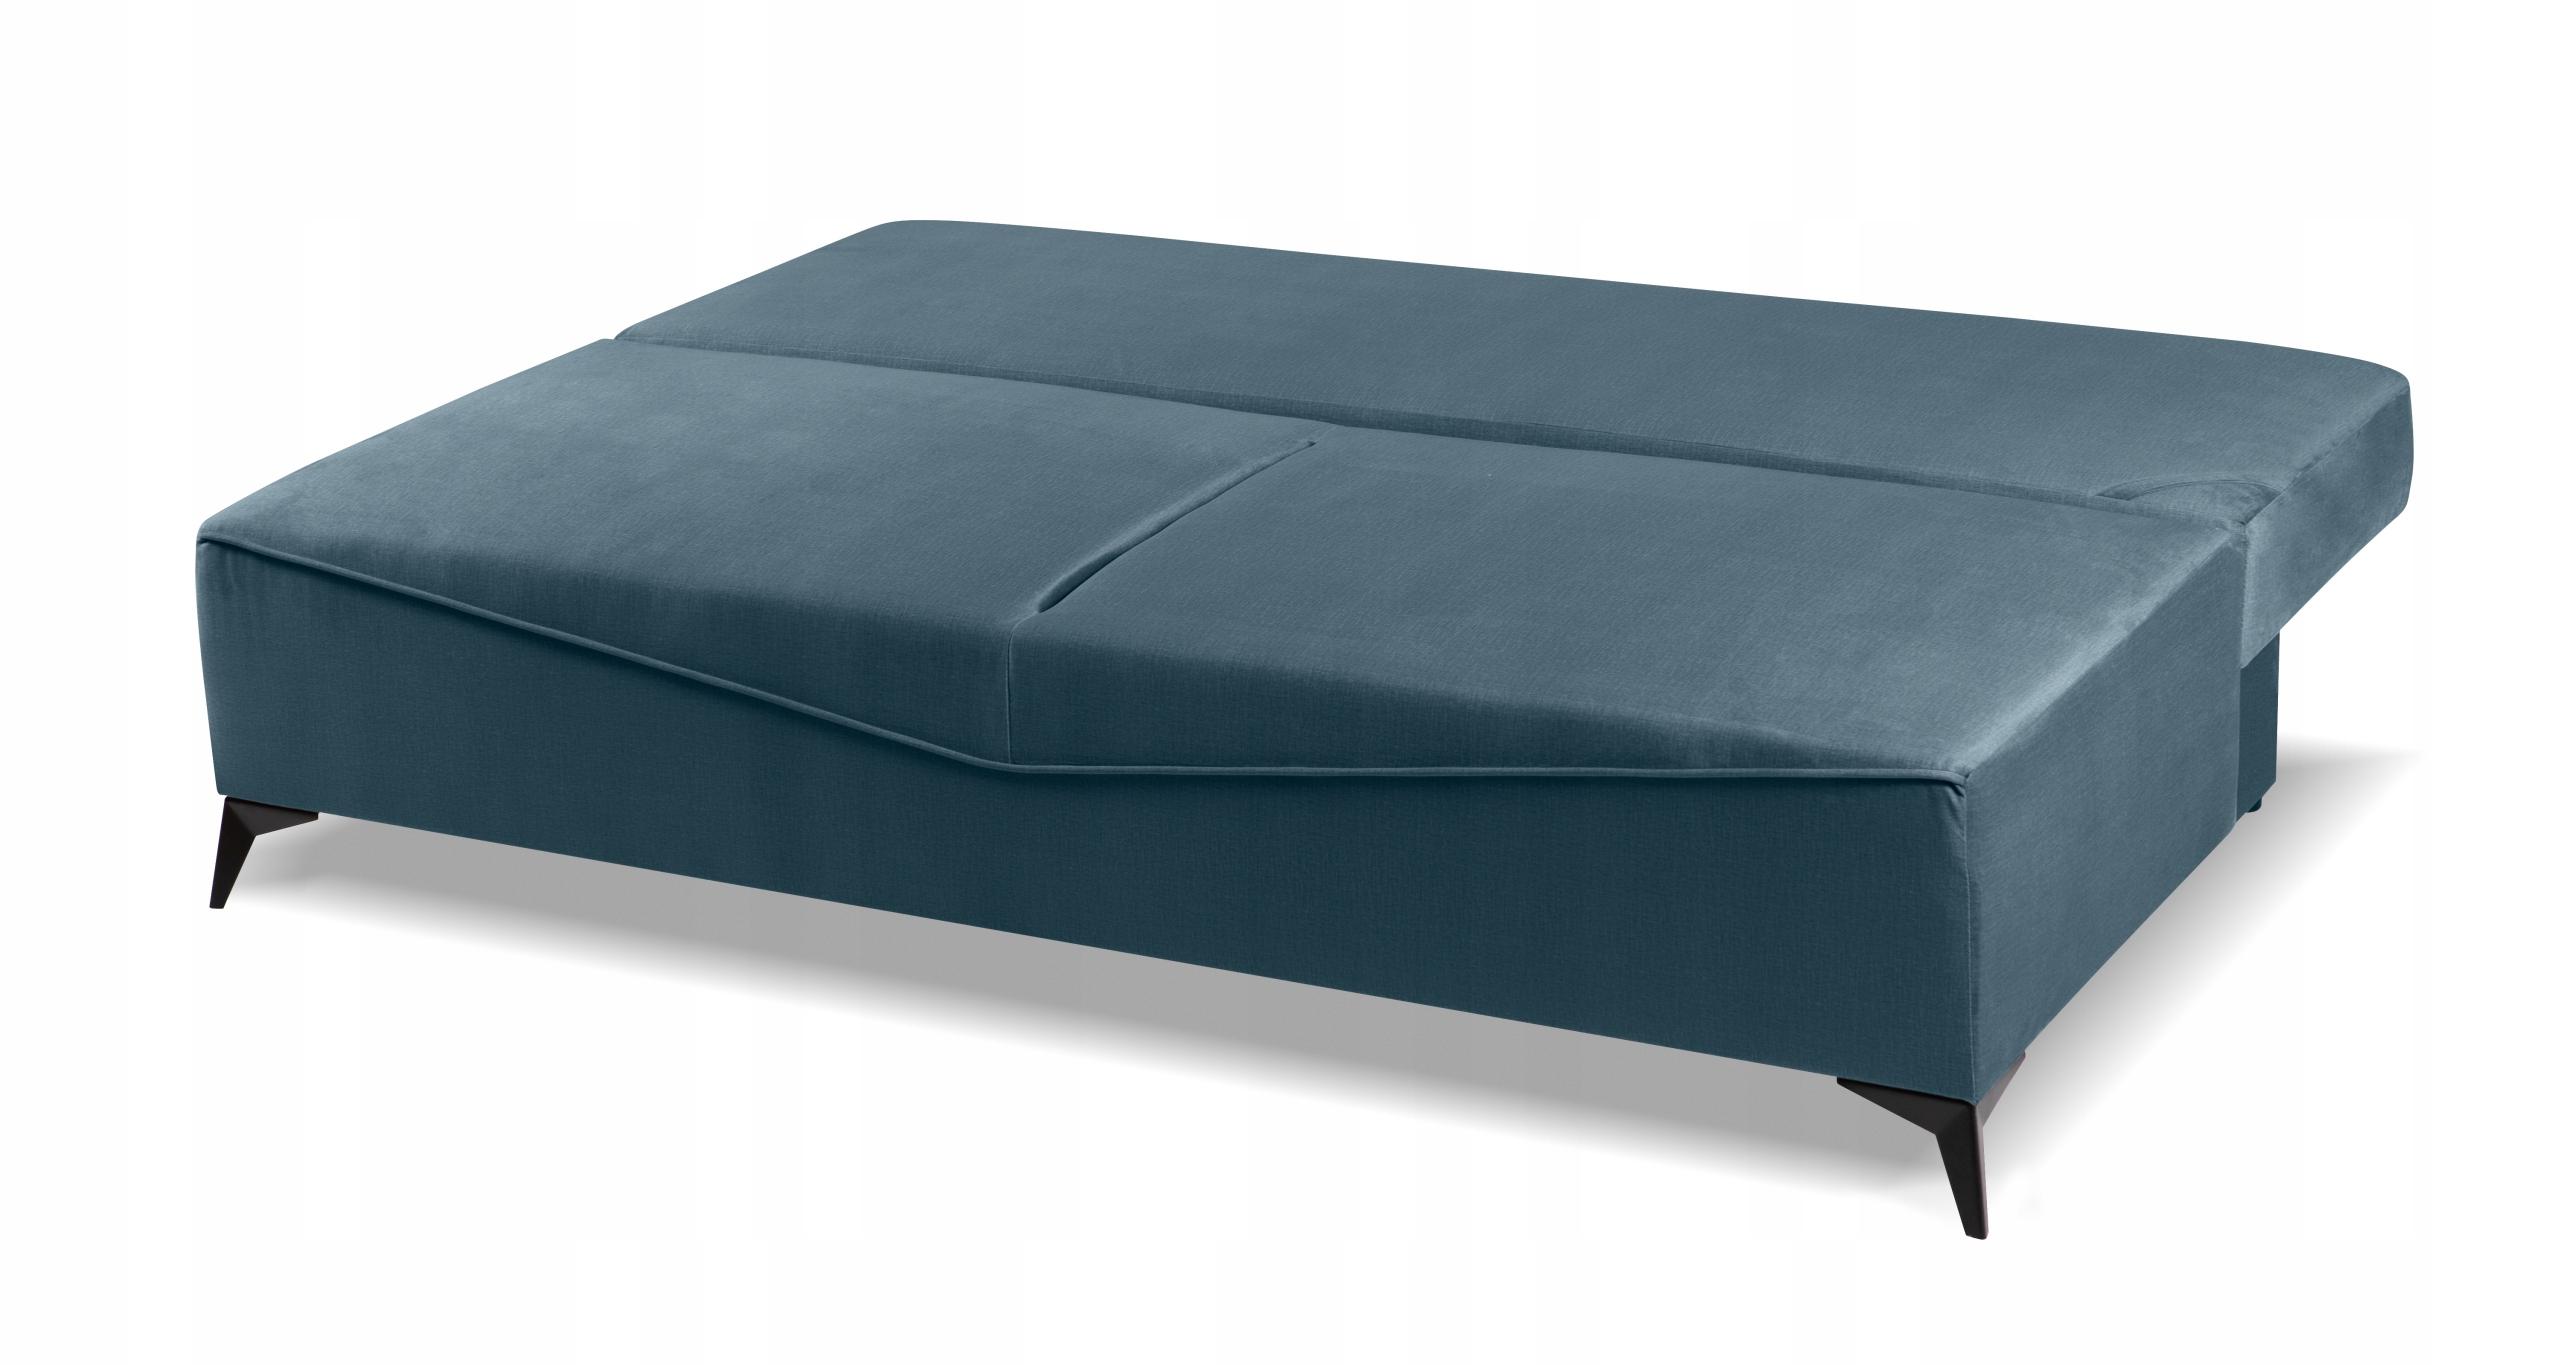 Sofa młodzieżowa ASTIN pojemnik do spania kolory Głębokość mebli 96 cm